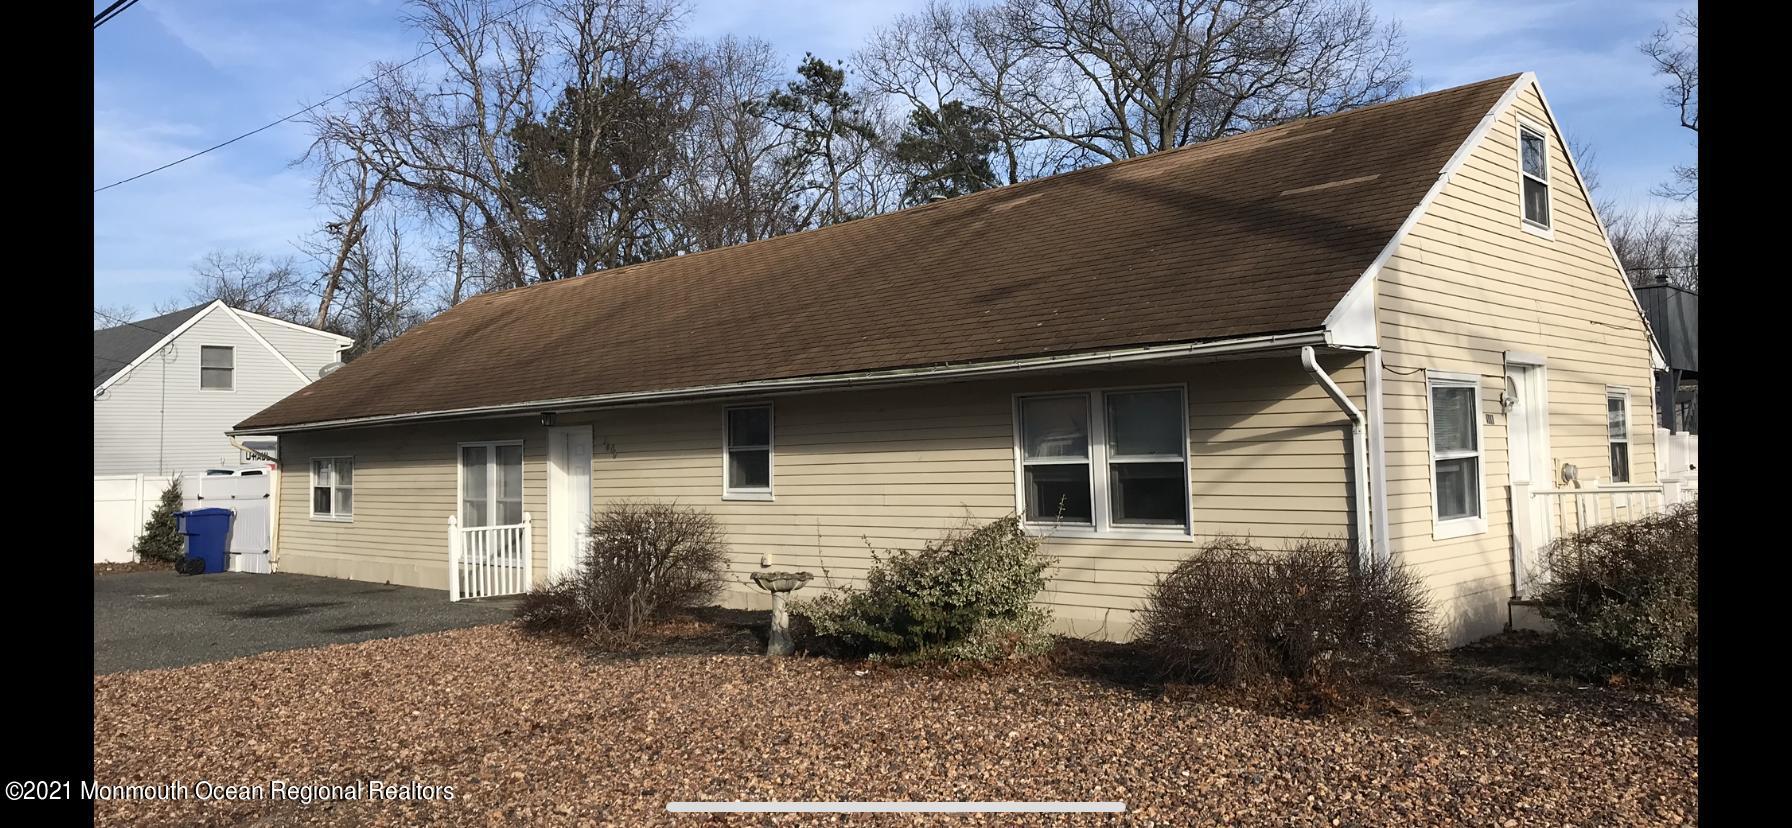 2400 Adams Avenue, Toms River, New Jersey 08753, 5 Bedrooms Bedrooms, ,3 BathroomsBathrooms,Single Family,For Sale,2400 Adams Avenue,2,22107234